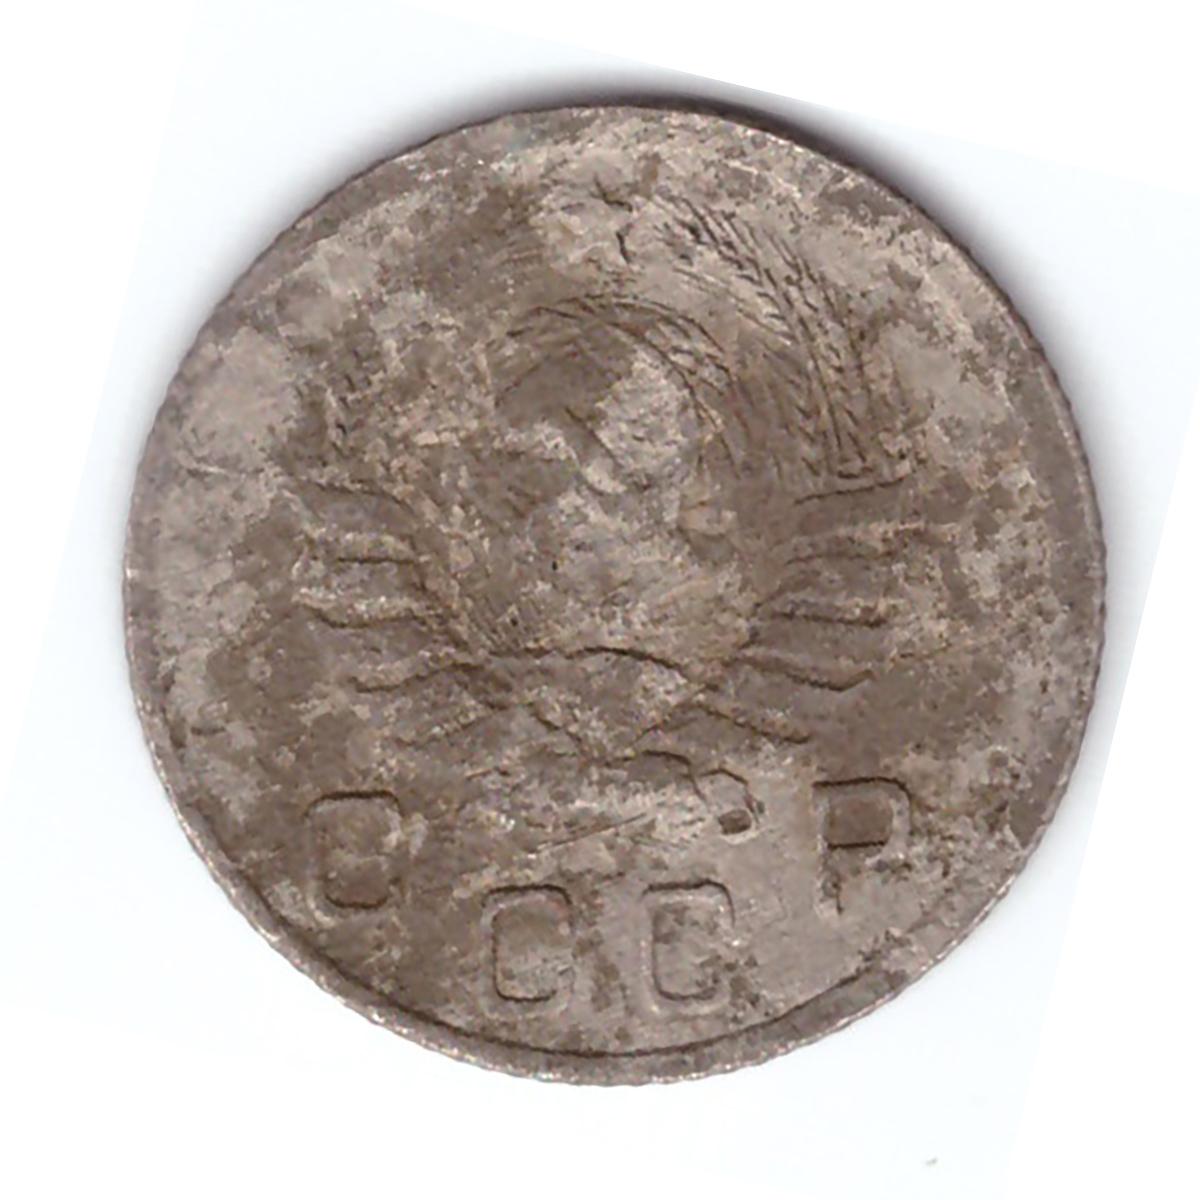 10 копеек 1942 г. СССР. G-VG